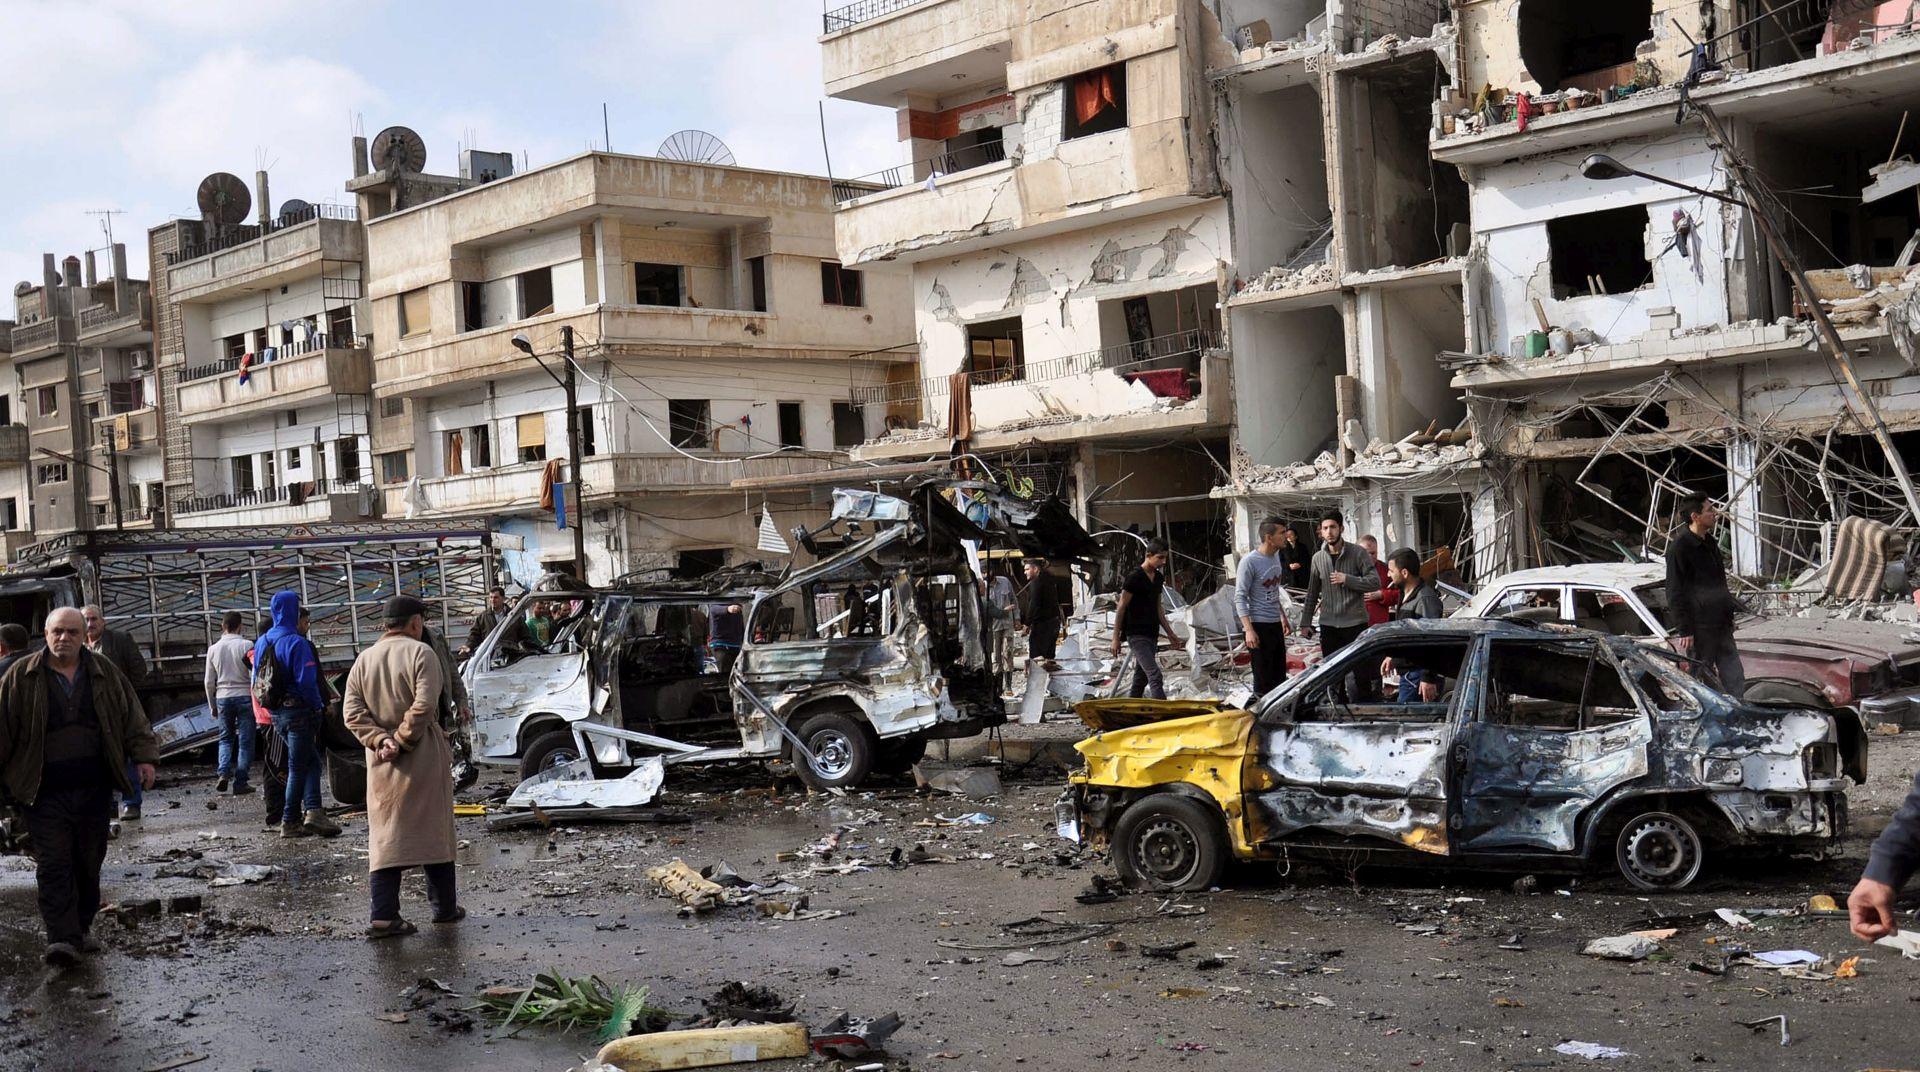 Sirijsko primirje ugroženo prvim sukobima